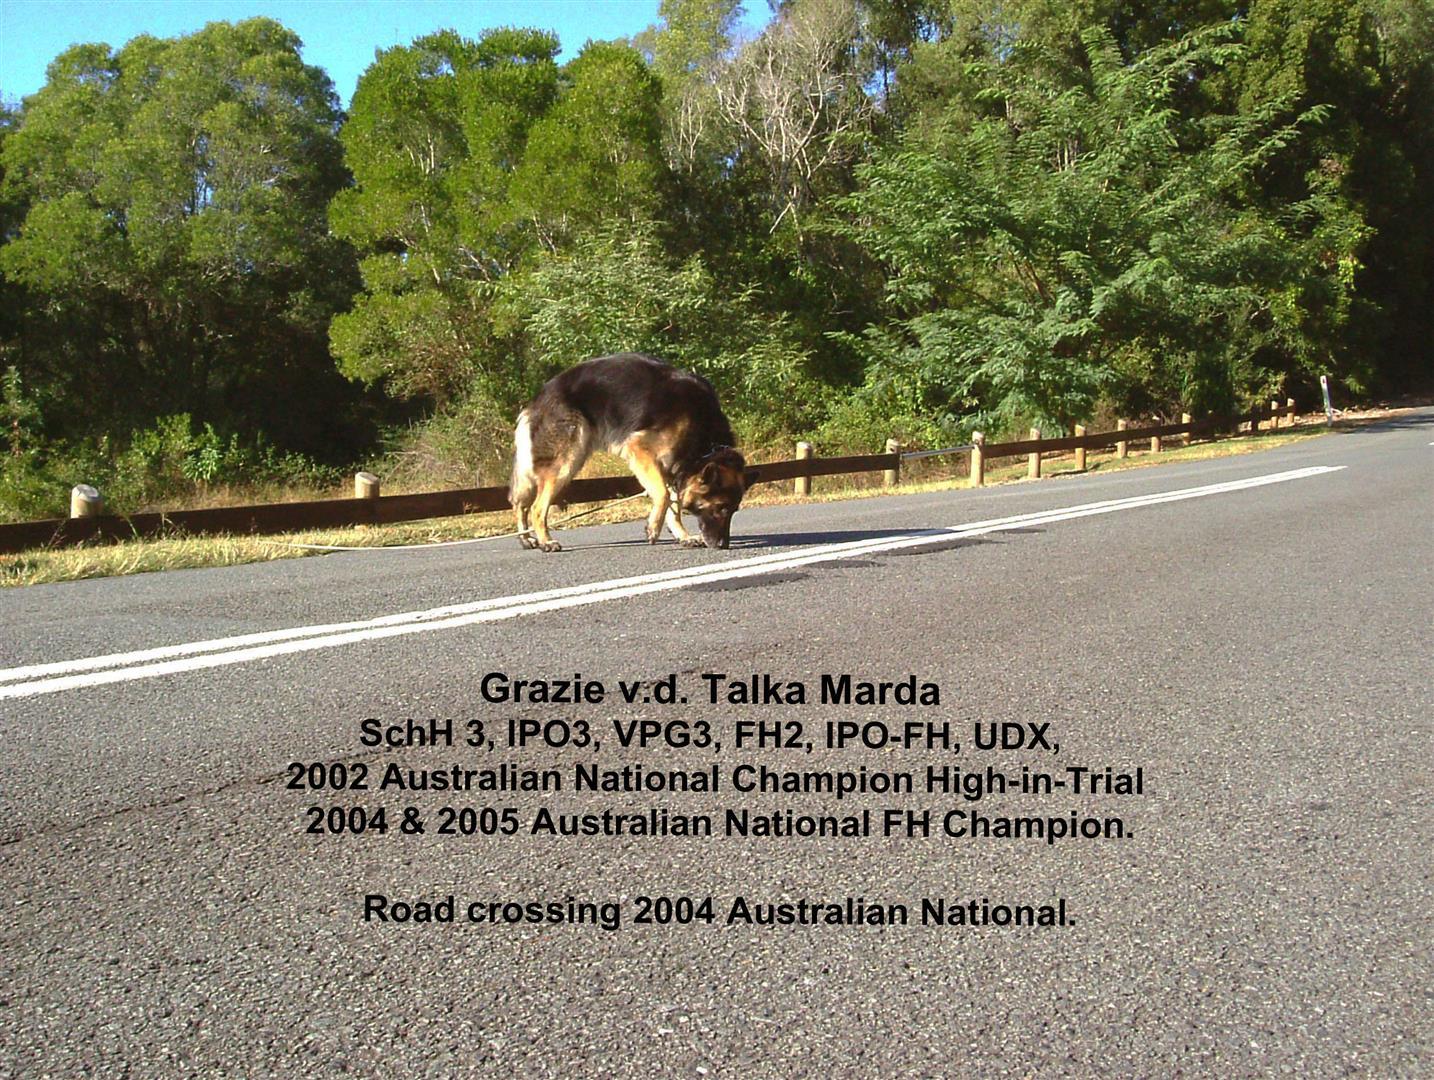 Grazie v.d. Talka Marda_National_Champion_Australia